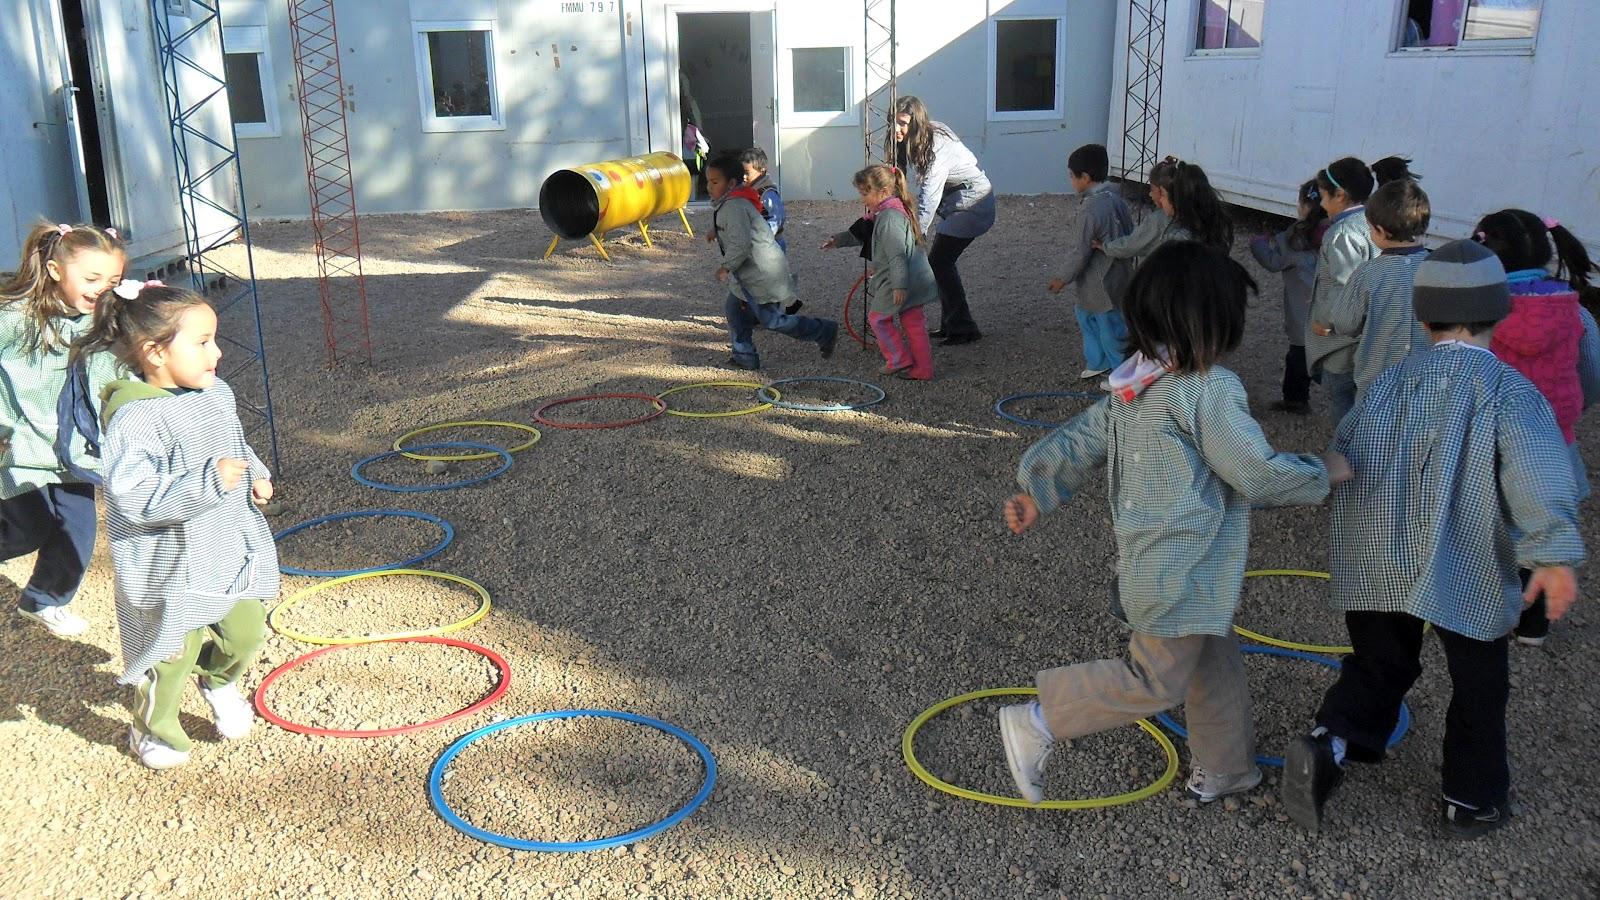 Jard n de infantes n 286 stas son algunas de las for Actividades en el jardin